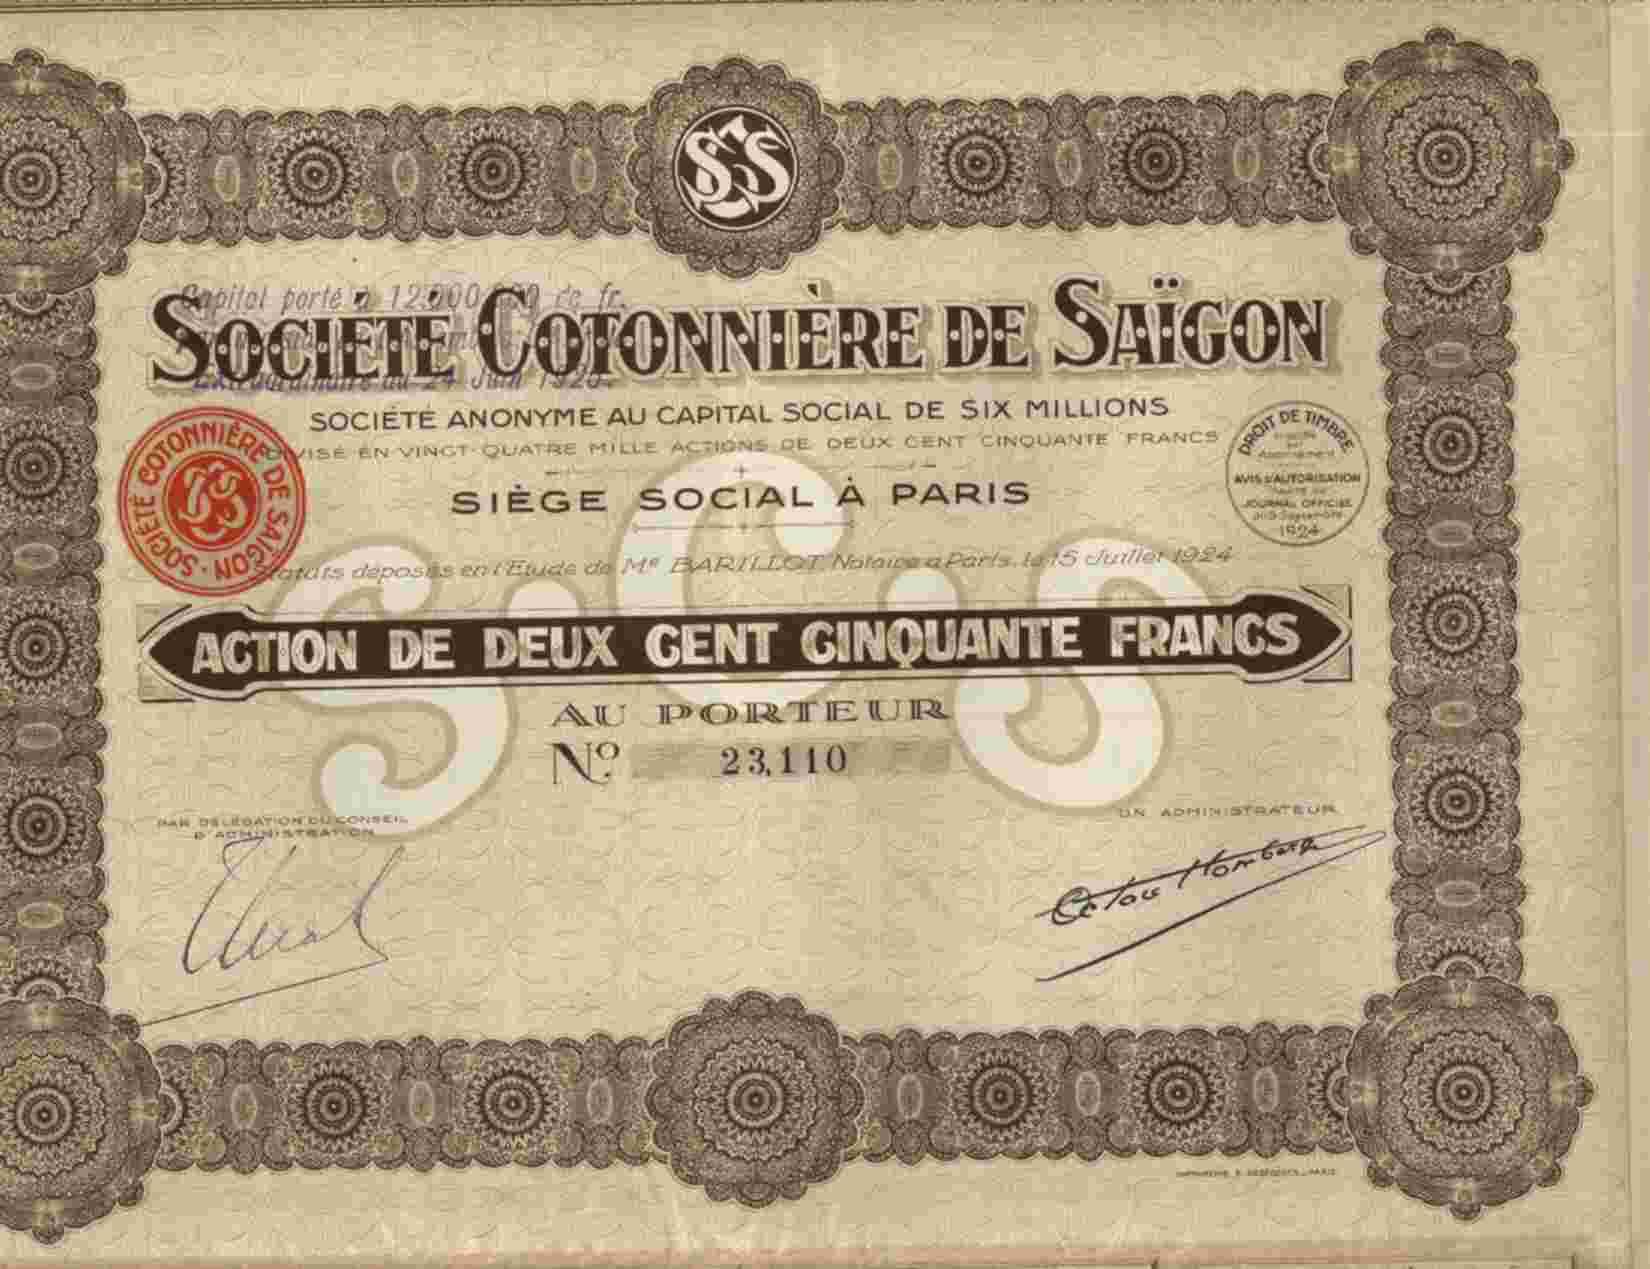 STE COTONNIERE DE SAIGON - Asie